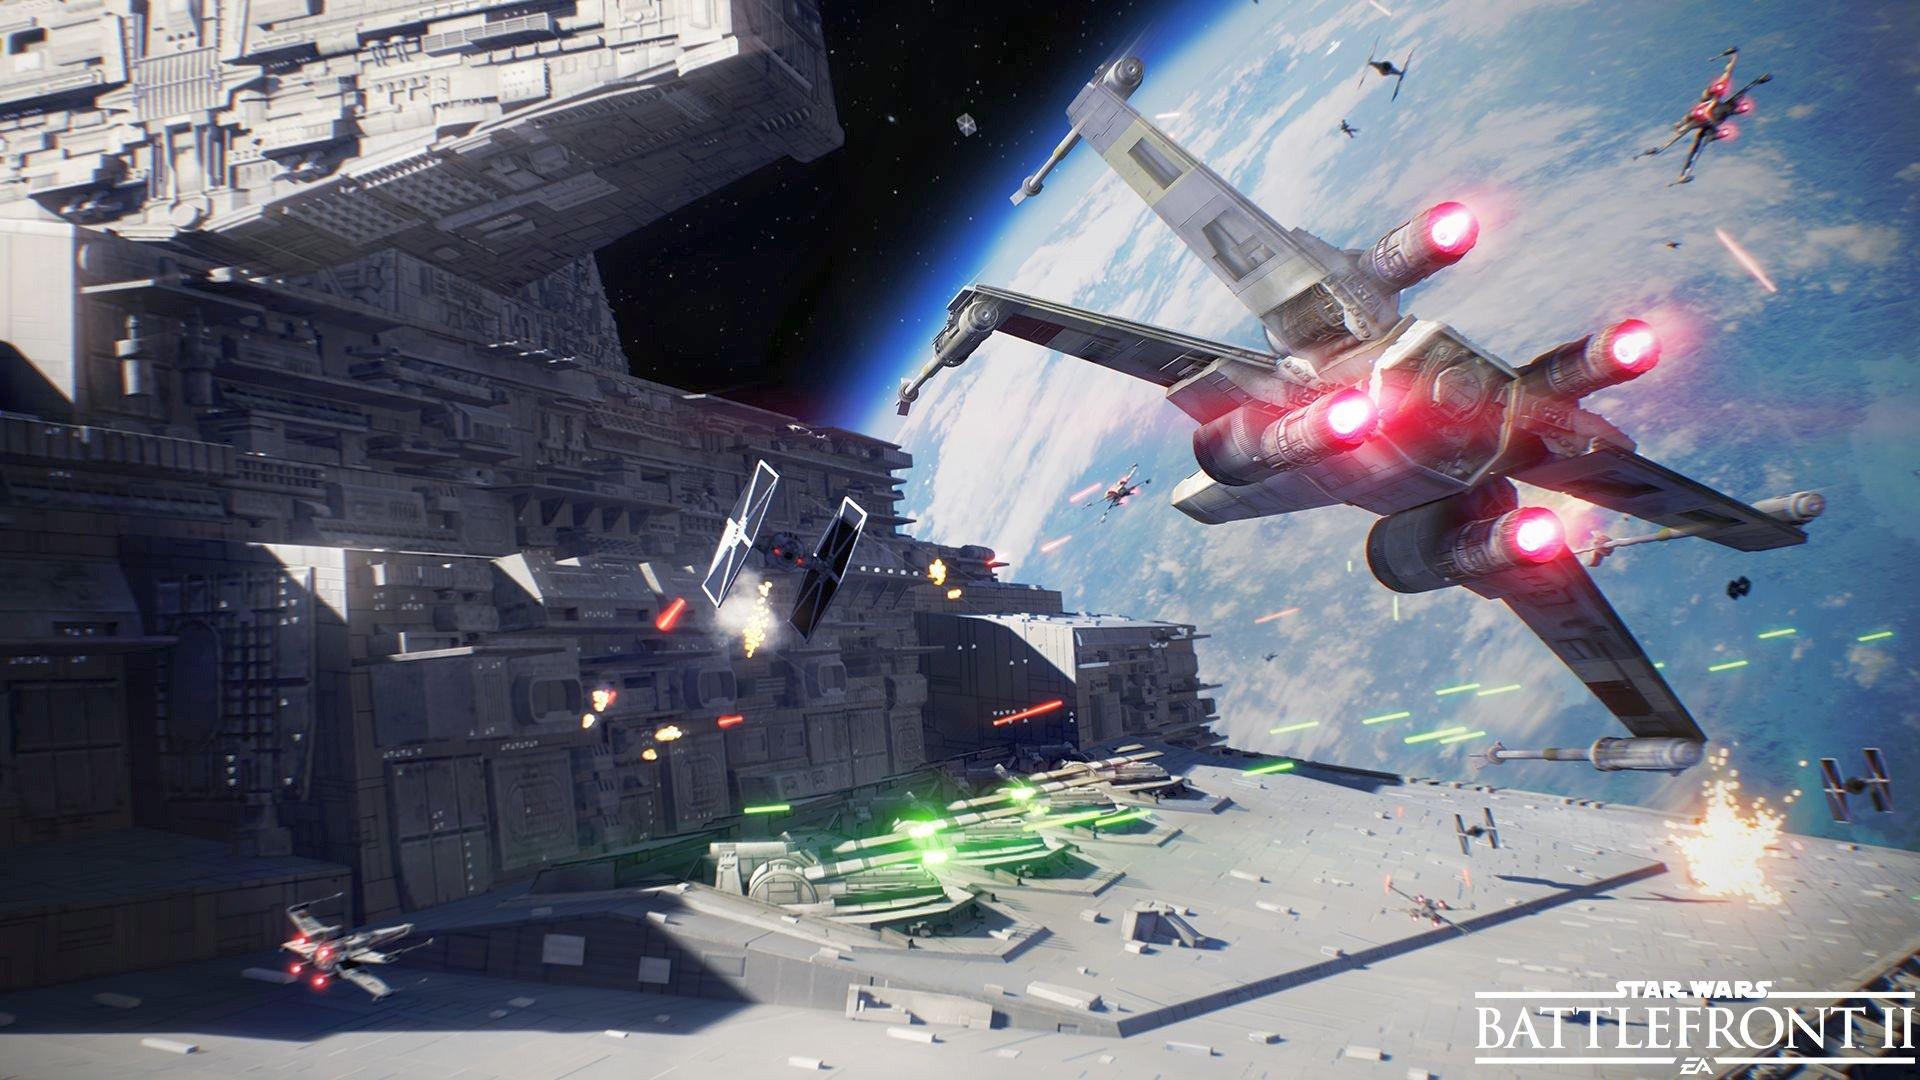 Star Wars Battlefront II Trailer